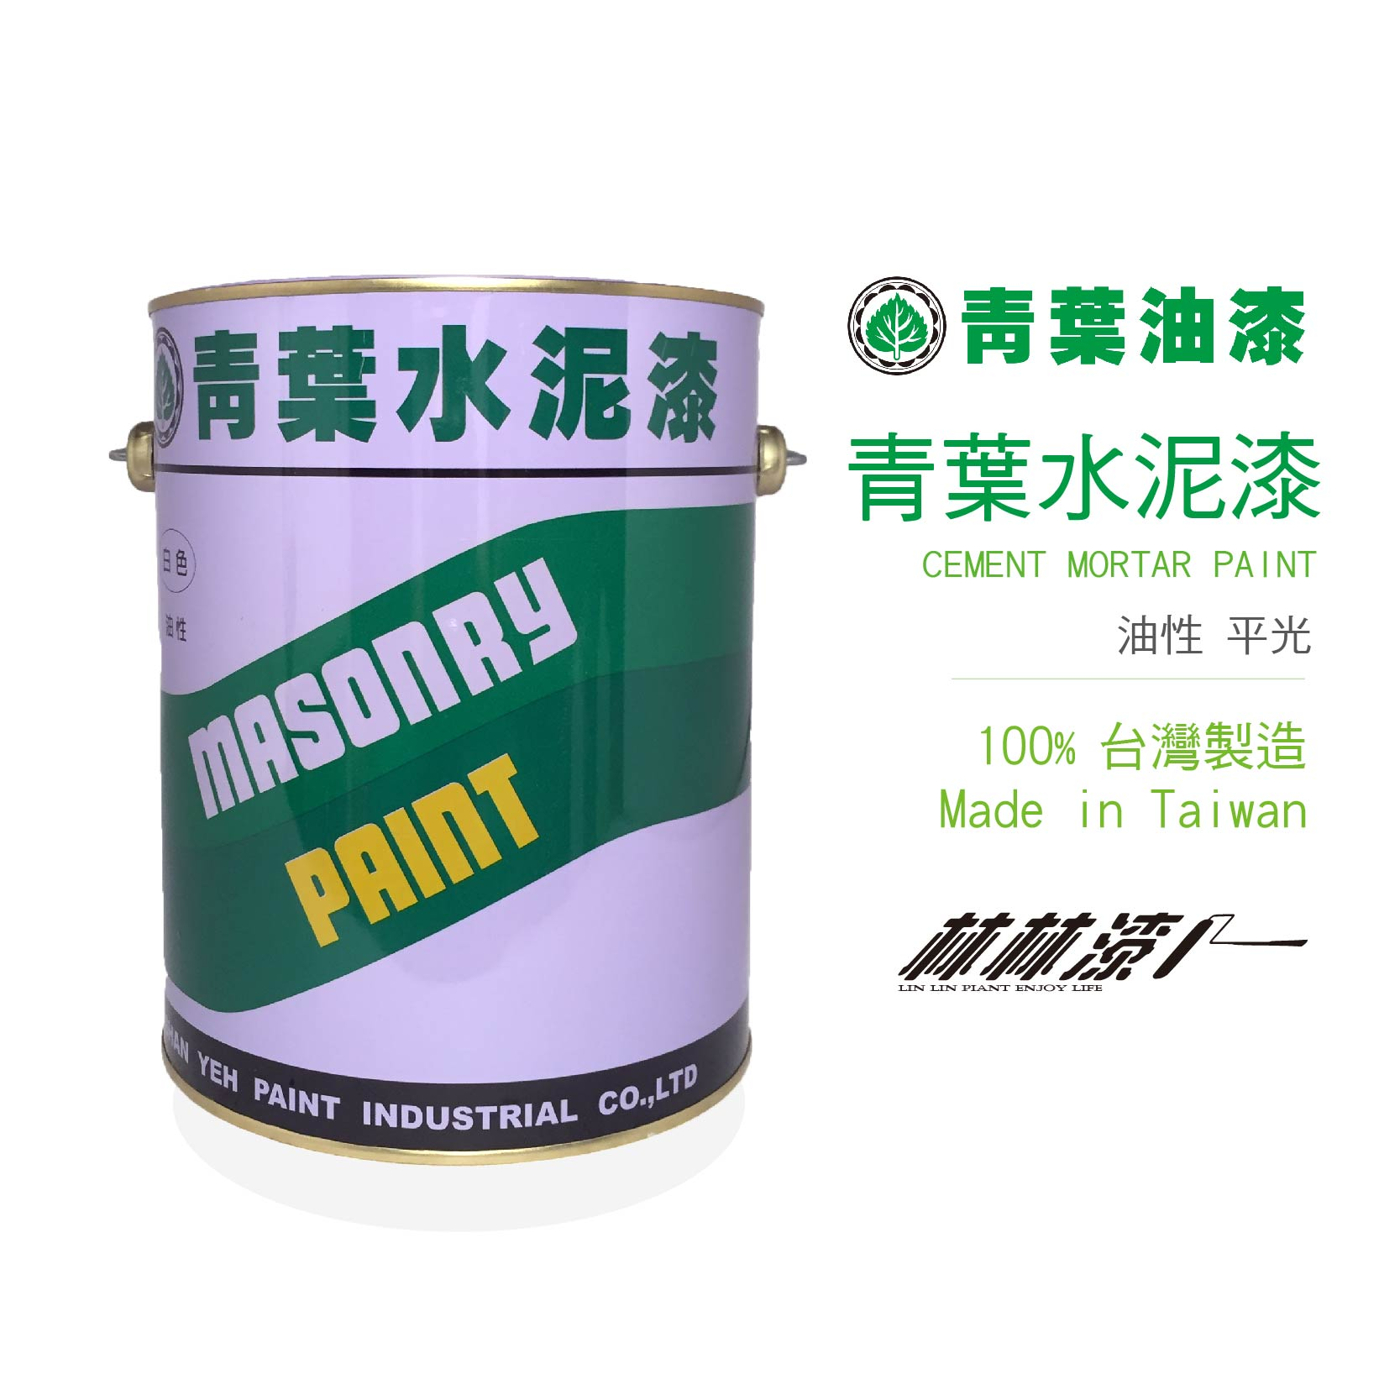 林林漆青葉油性水泥漆平光白色1加侖